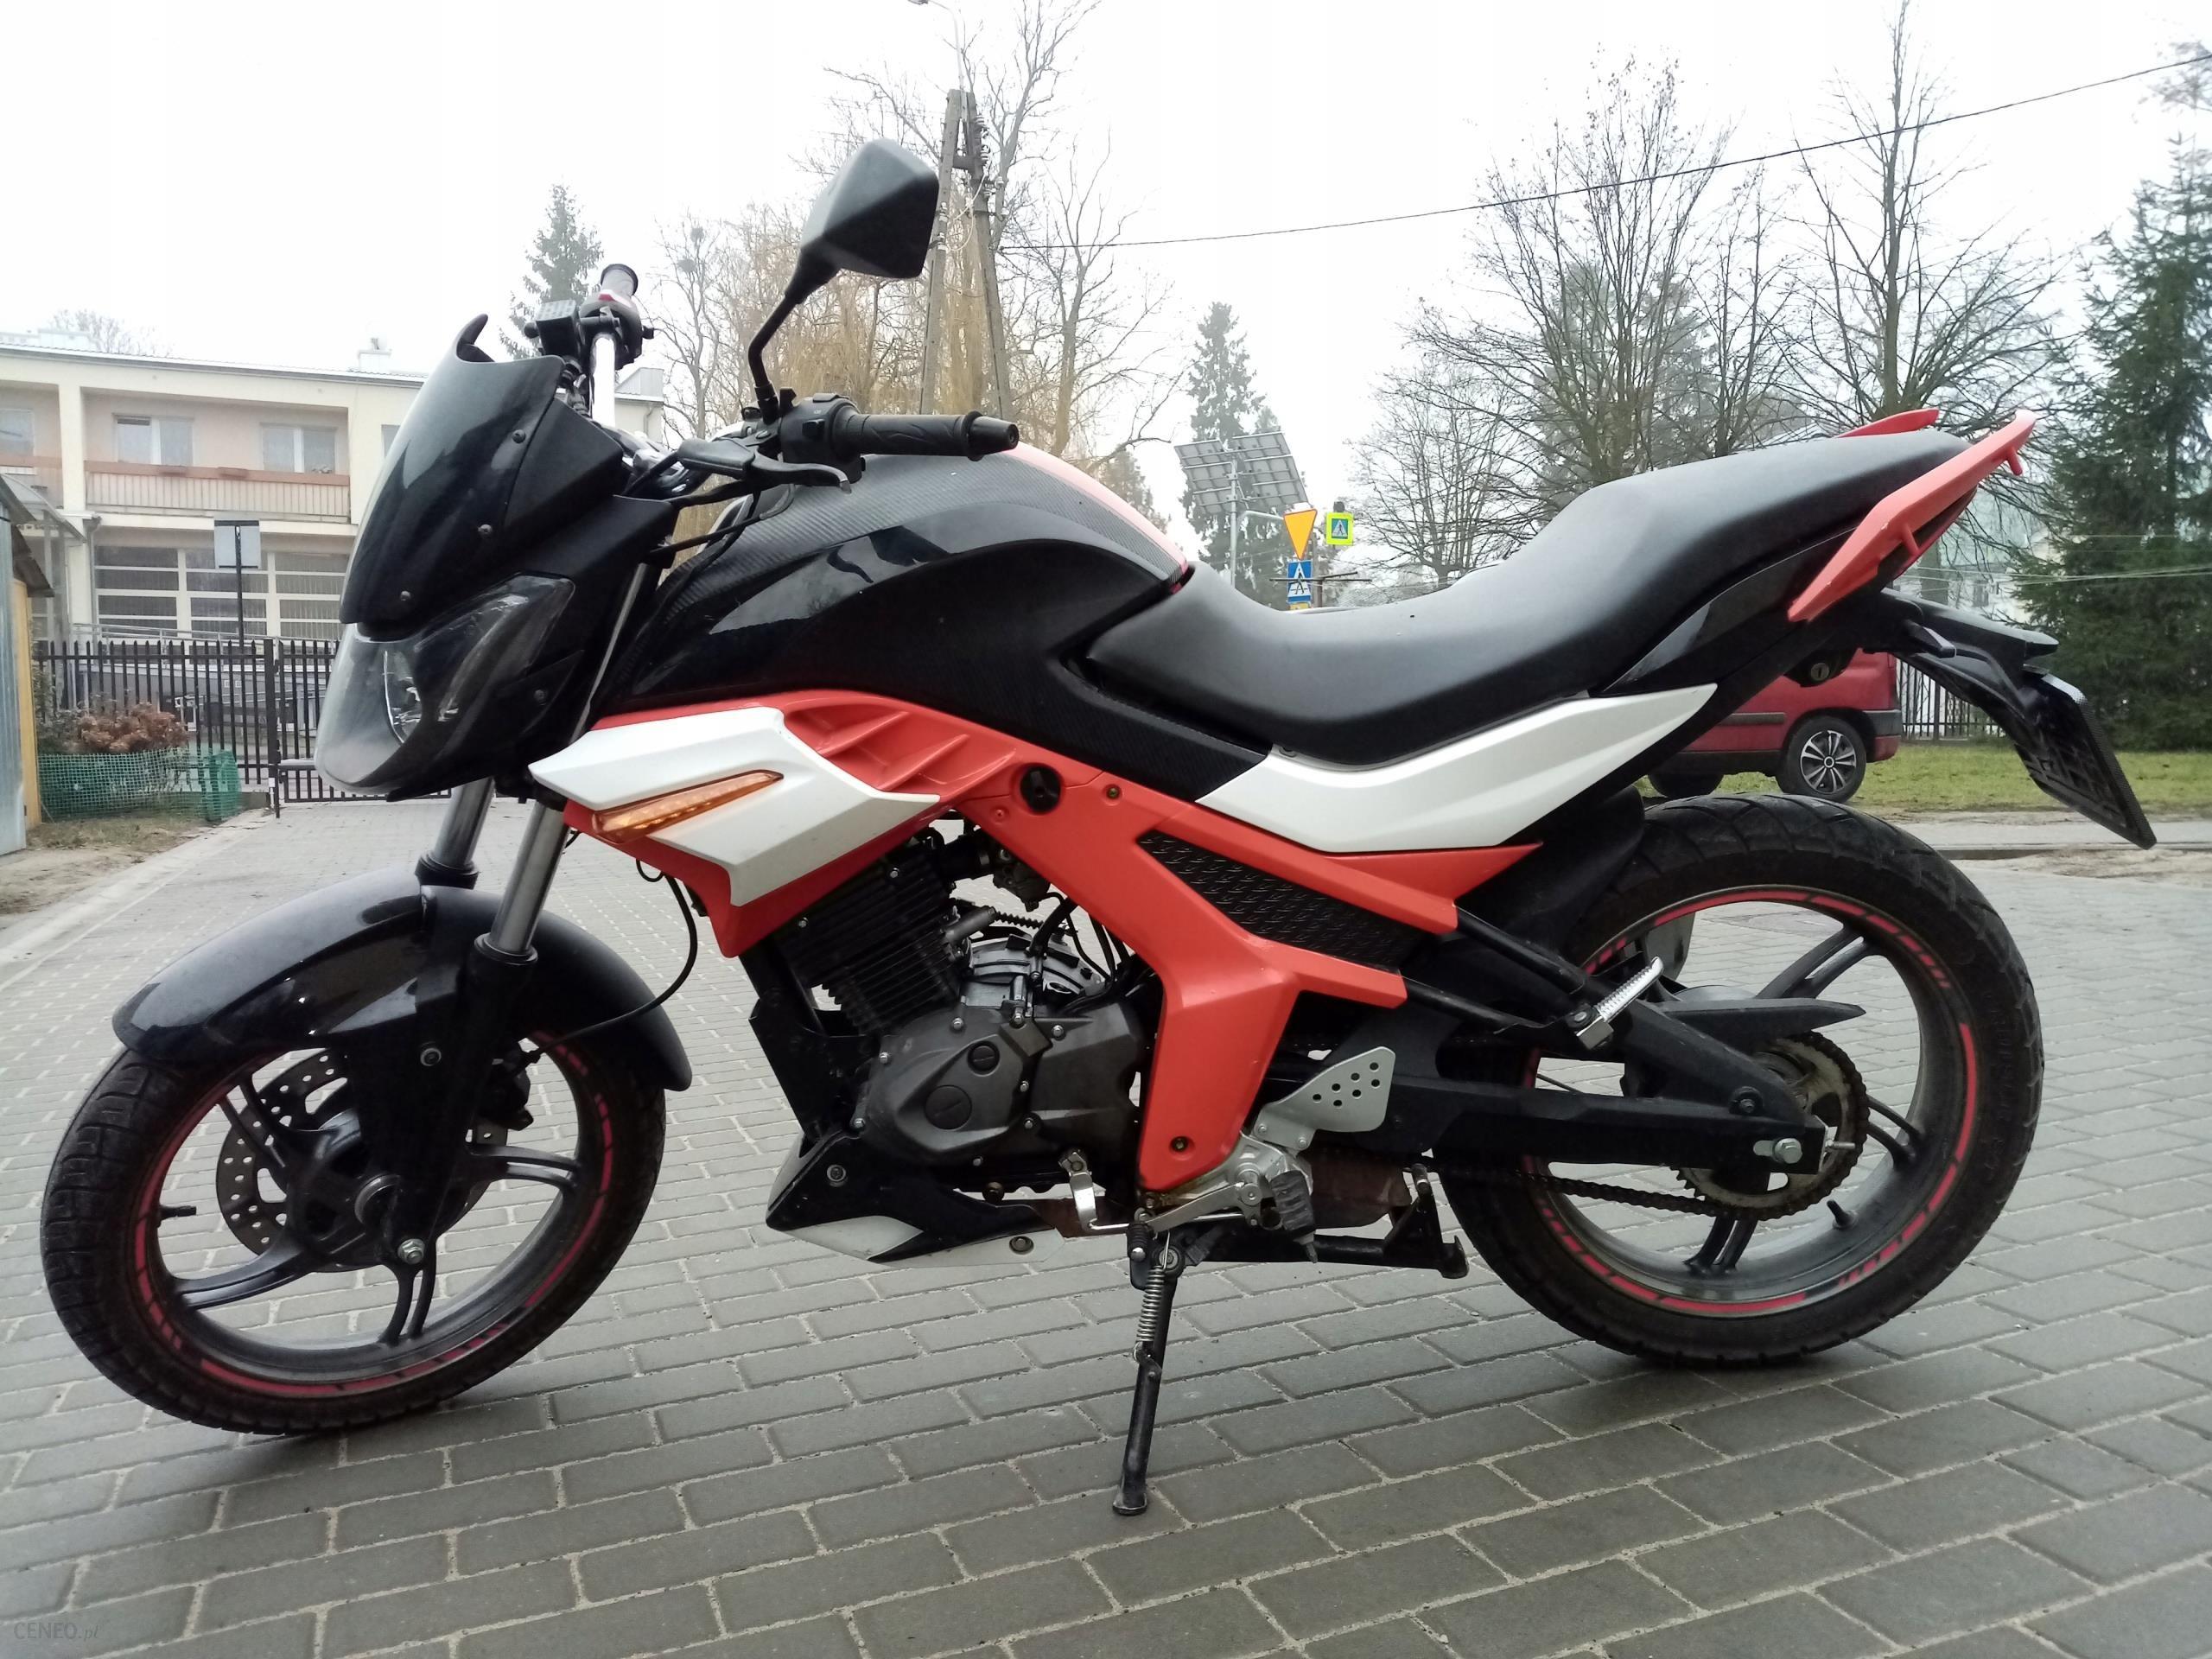 Motocykl Junak Rs 125 Okazja Opinie I Ceny Na Ceneo Pl